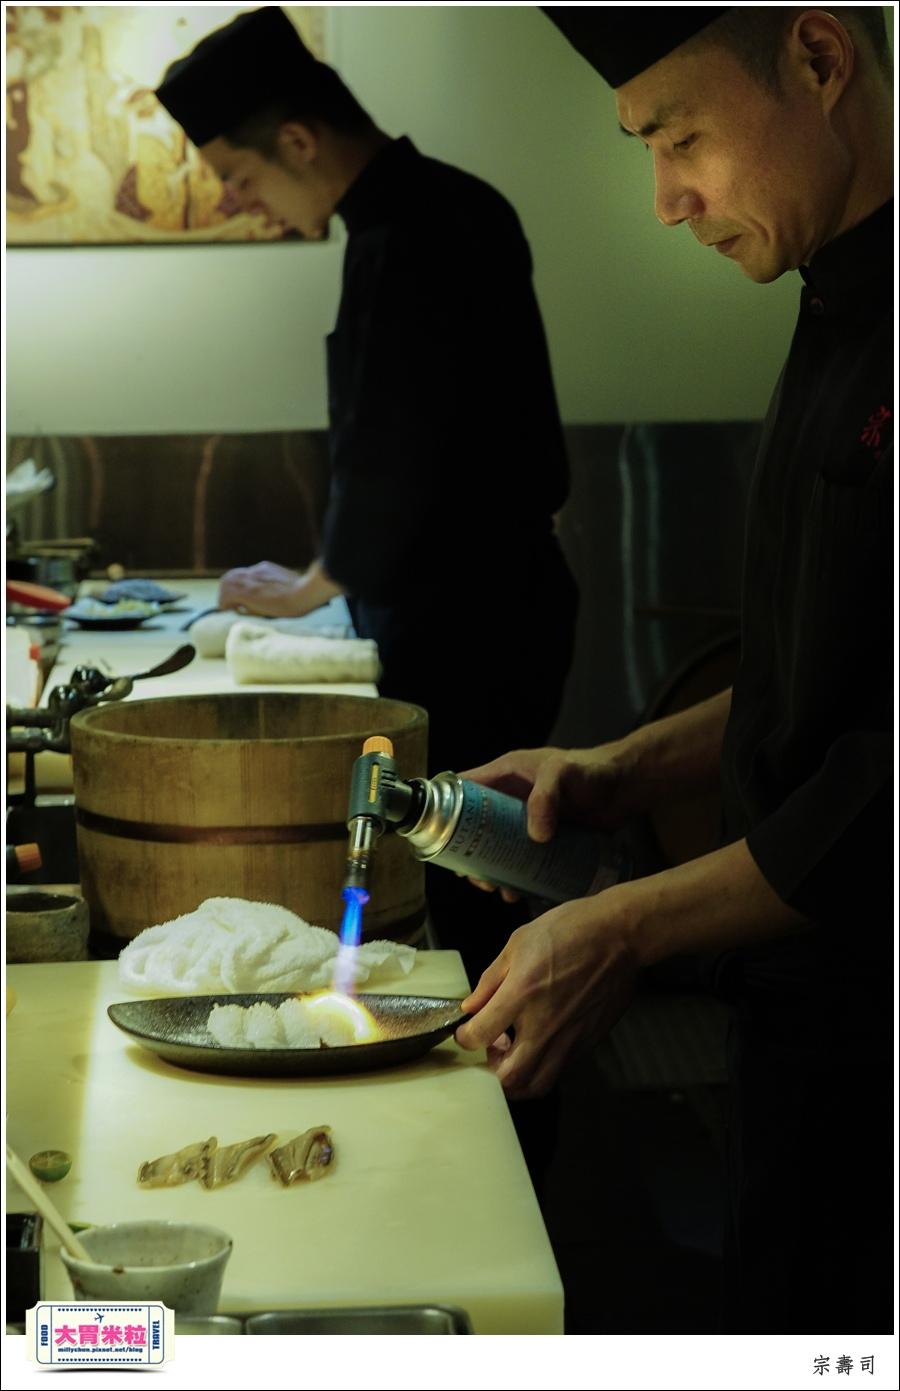 台北無菜單日式料理推薦-宗壽司-延吉街美食@大胃米粒0046.jpg